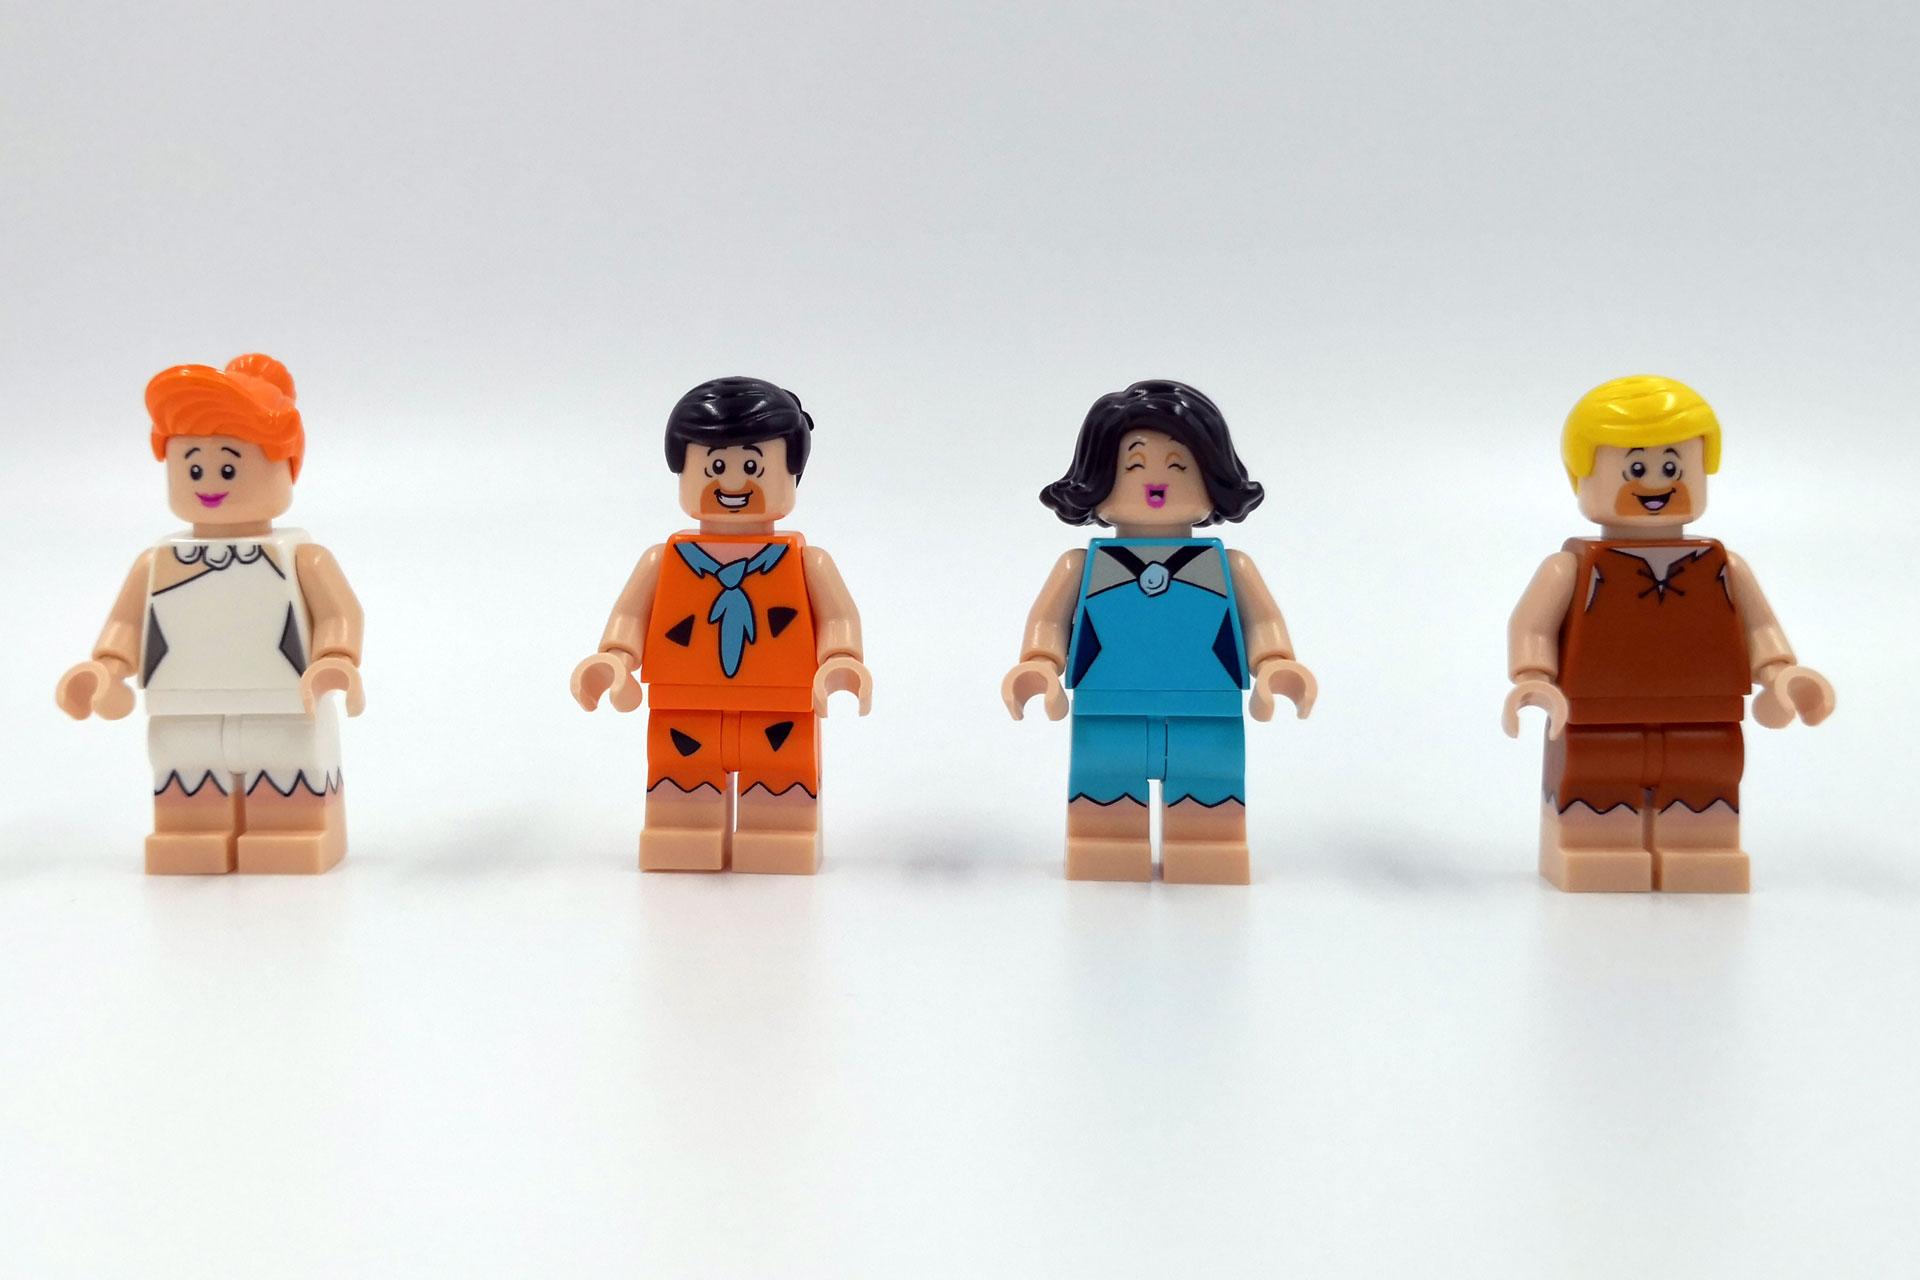 LEGO 21316 The Flintstones - Die Minifiguren